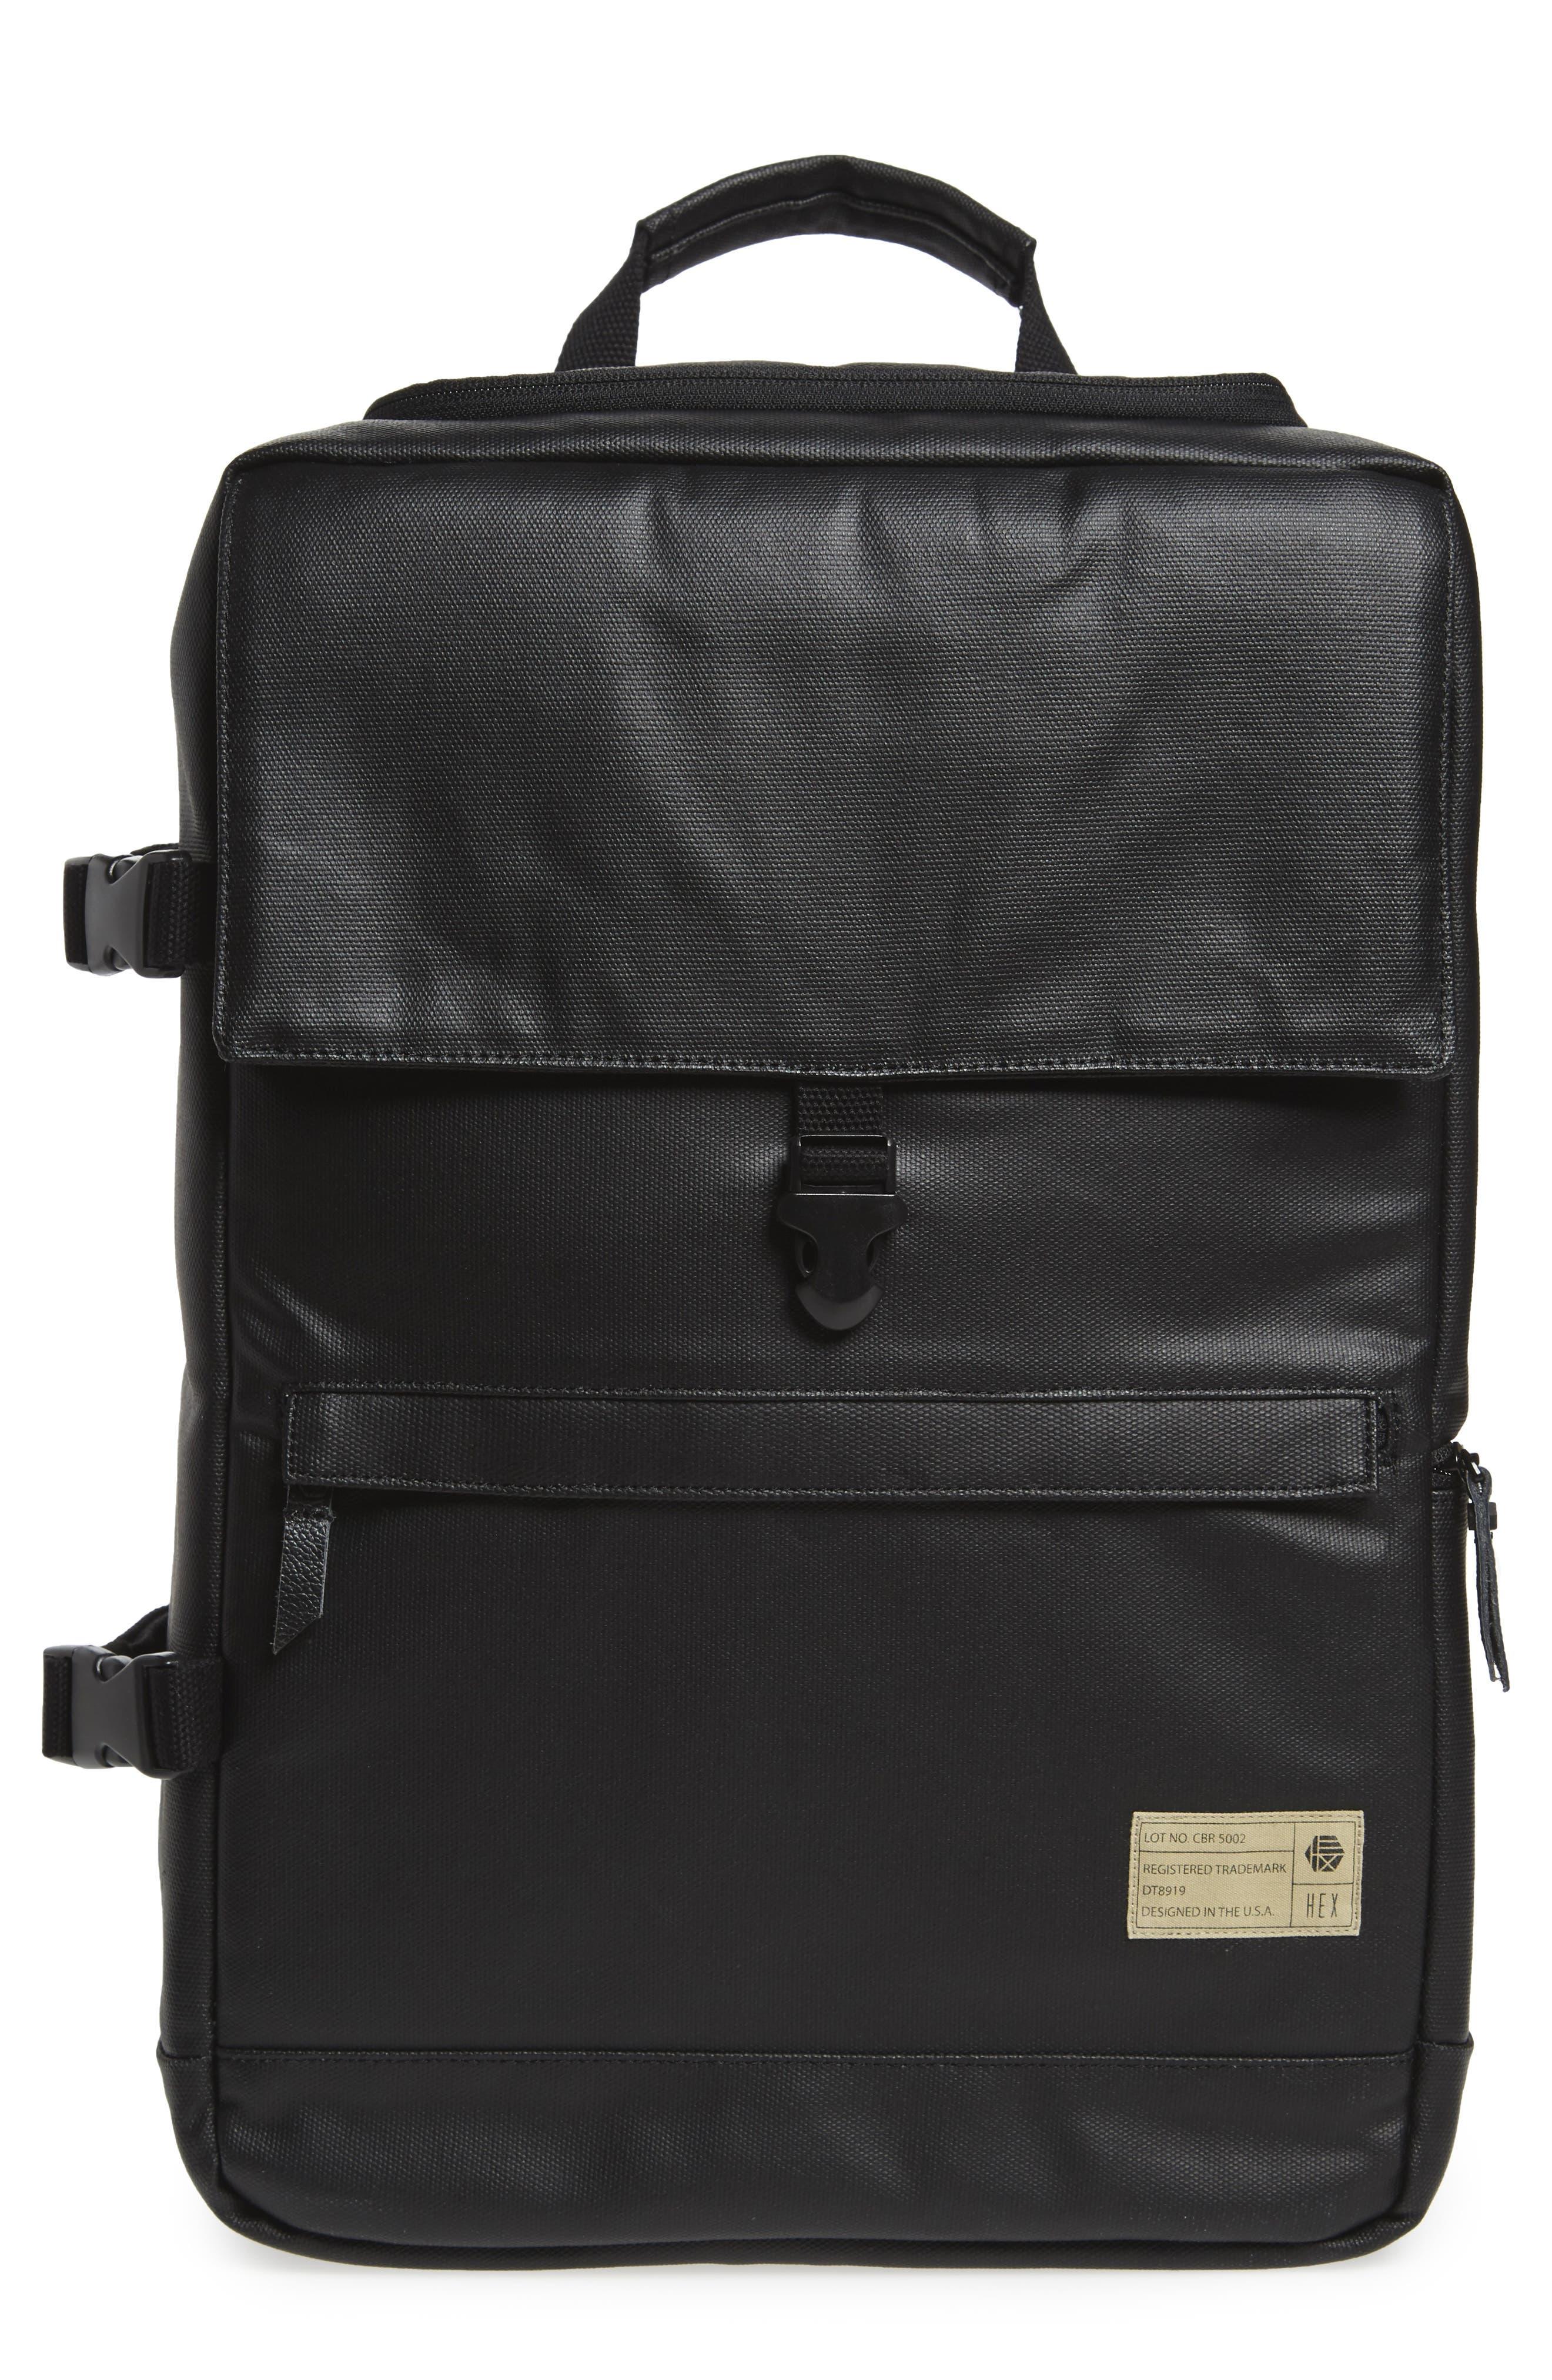 HEX Camera Bag